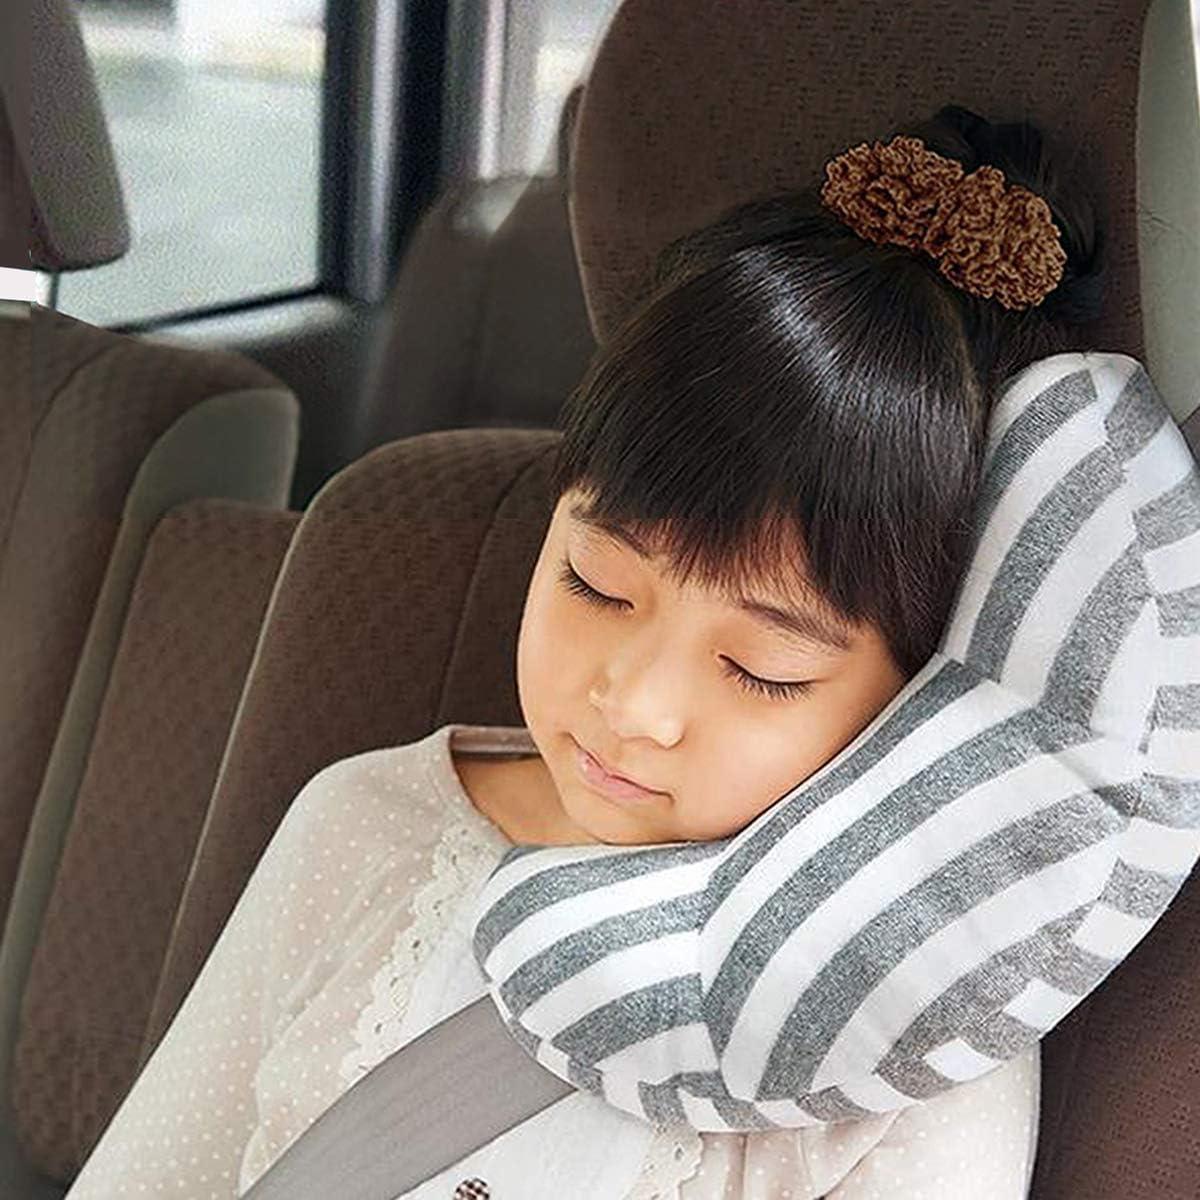 KiraKira seguridad Cojín de hombro Cojín de hombro, Almohadilla Cinturon Seguridad Para Niños y Bebés,Cojín de Viaje Cuello,Cojín de cinturón para niños Niños Niños (Gris)